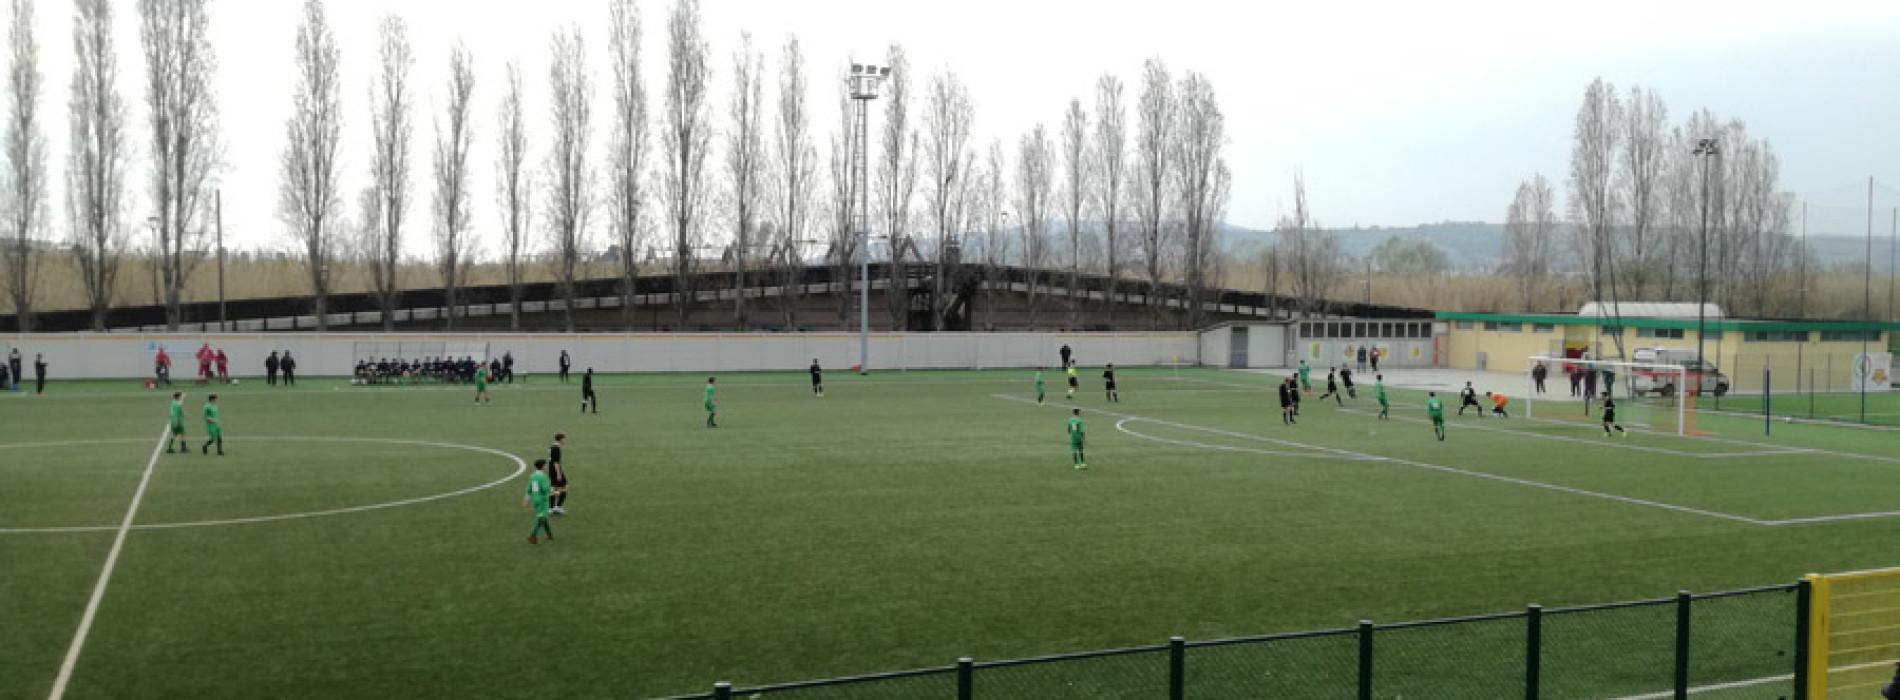 Tdr C11, Giovanissimi: una bella Basilicata pareggia con la Lombardia. In goal Giardinetti.